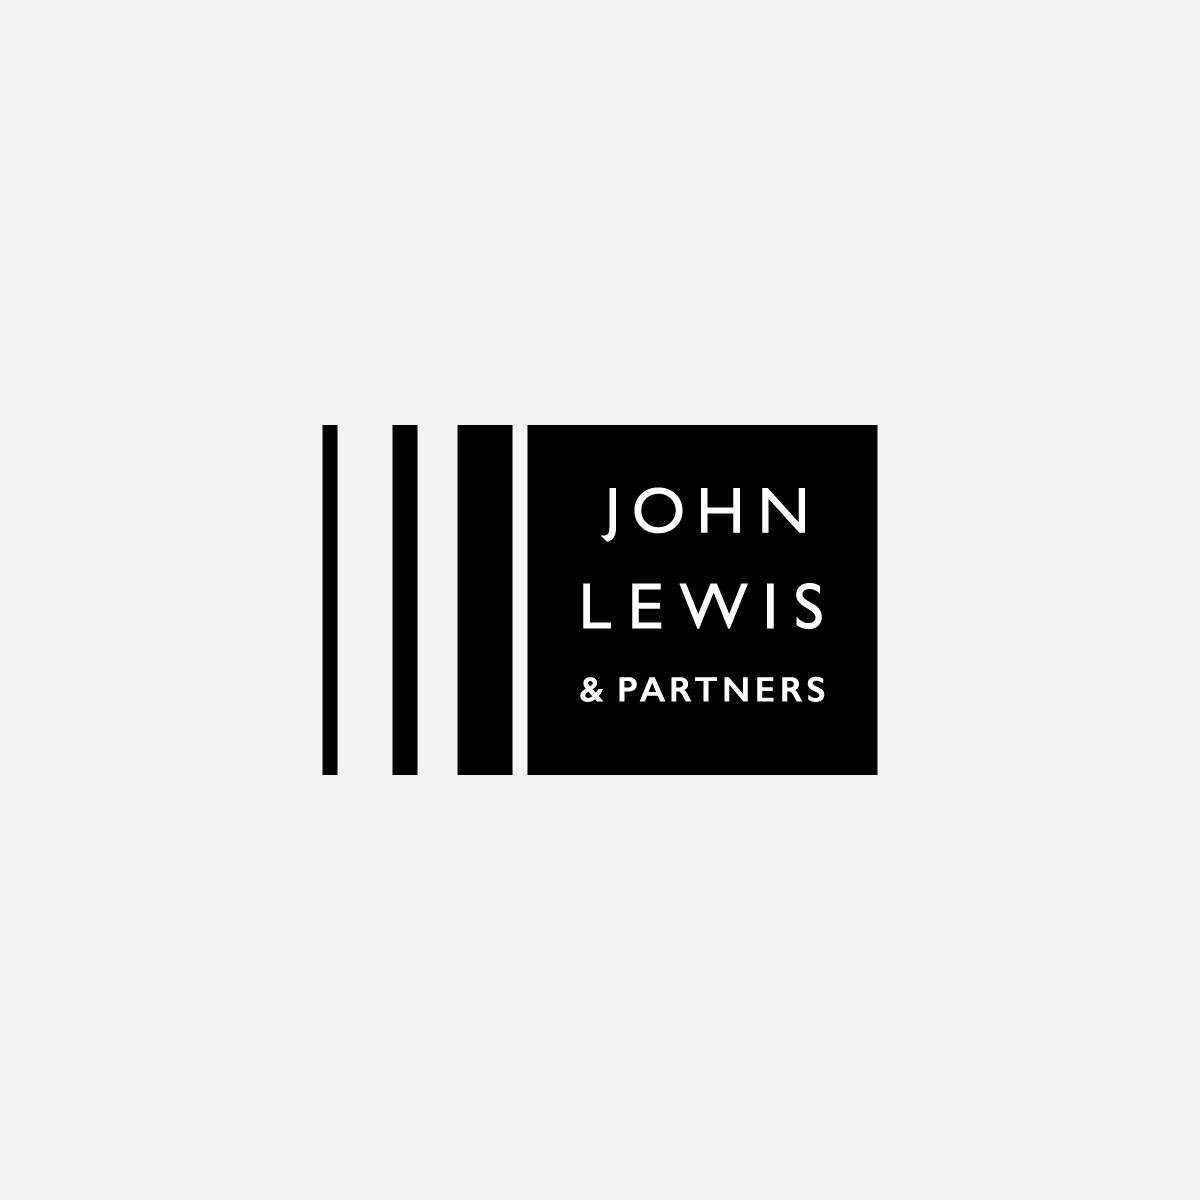 JOHN LEWIS | SPLOOSH MEDIA | BRANDING AGENCY MANCHESTER